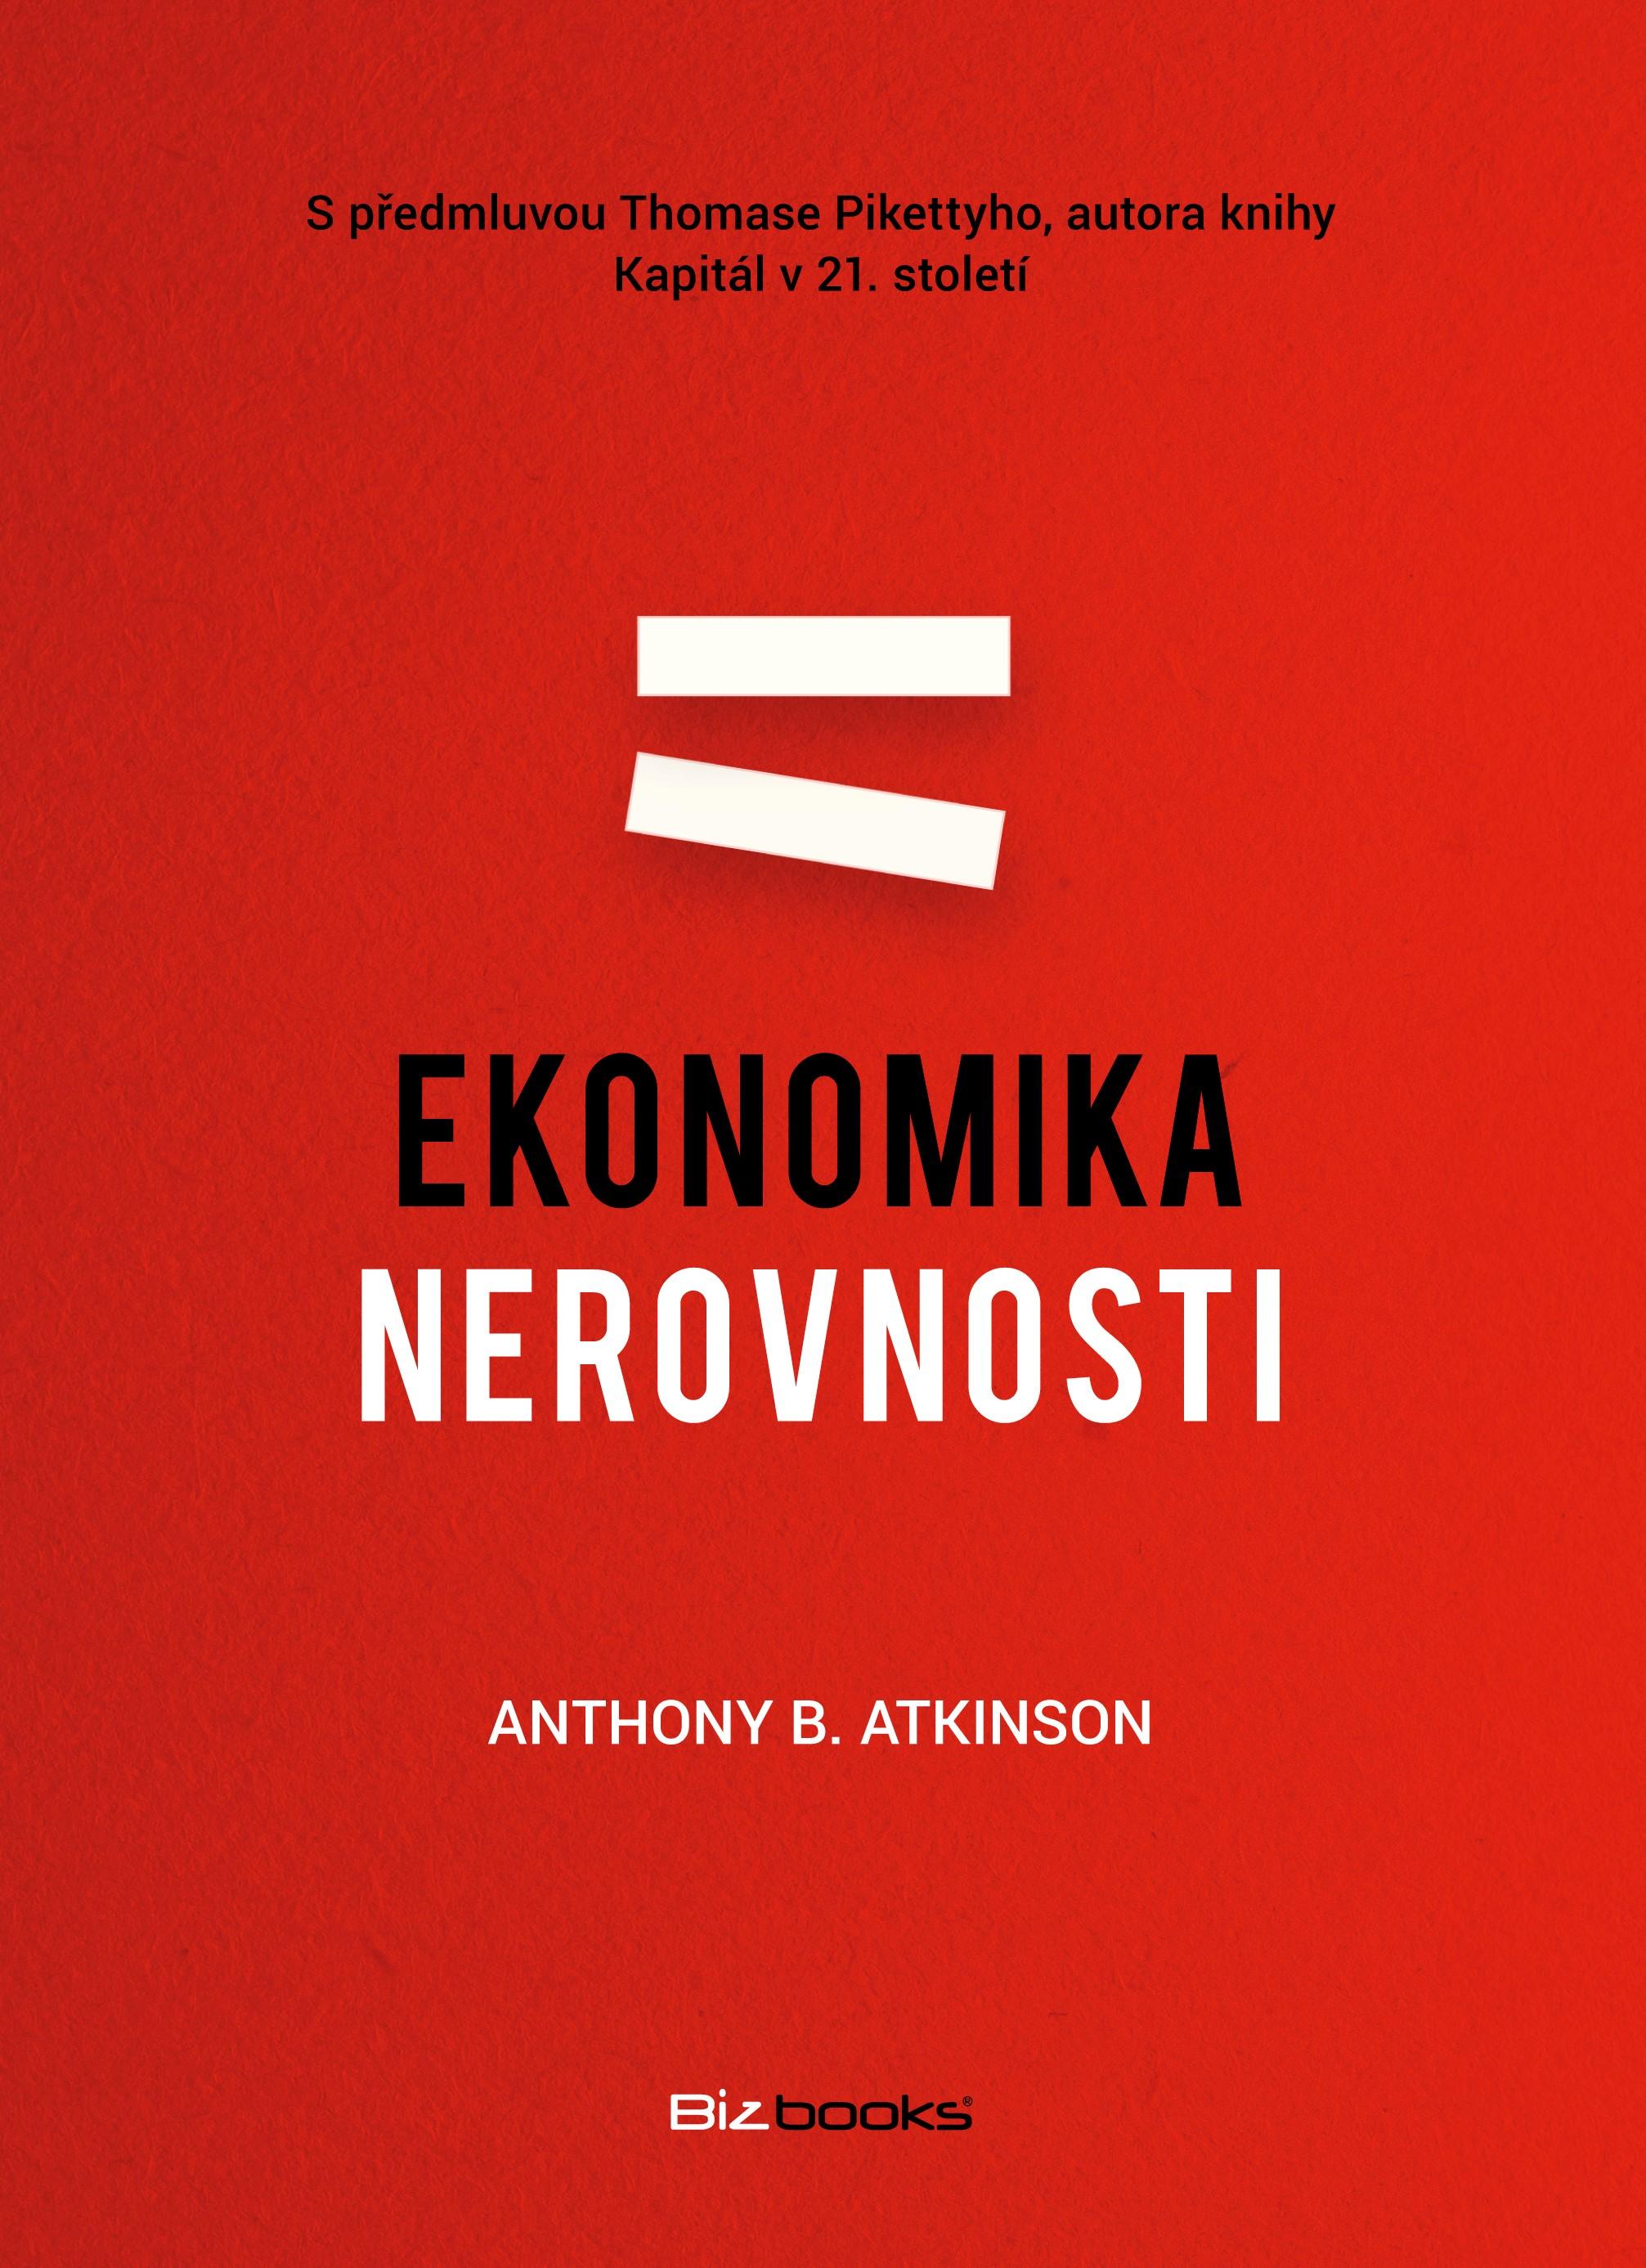 Ekonomika nerovnosti | Anthony B. Atkinson